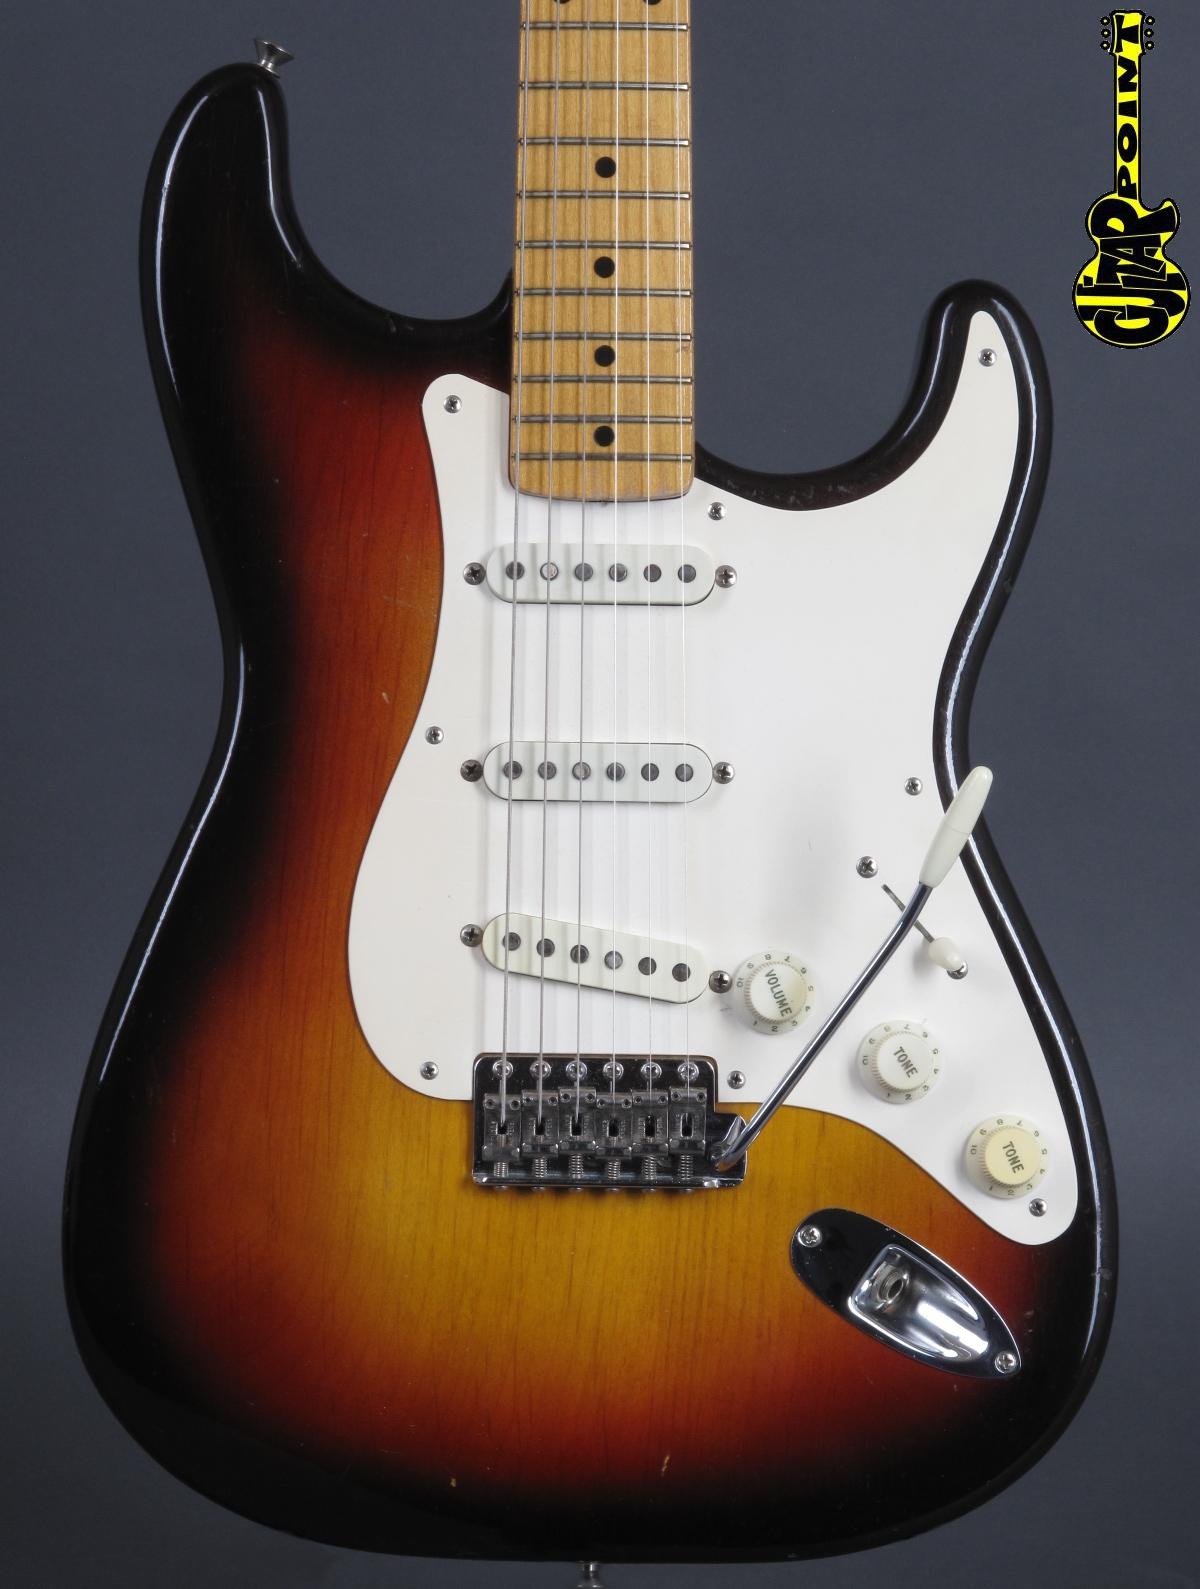 1959 Fender Stratocaster 3-tone Sunburst / Mapleneck